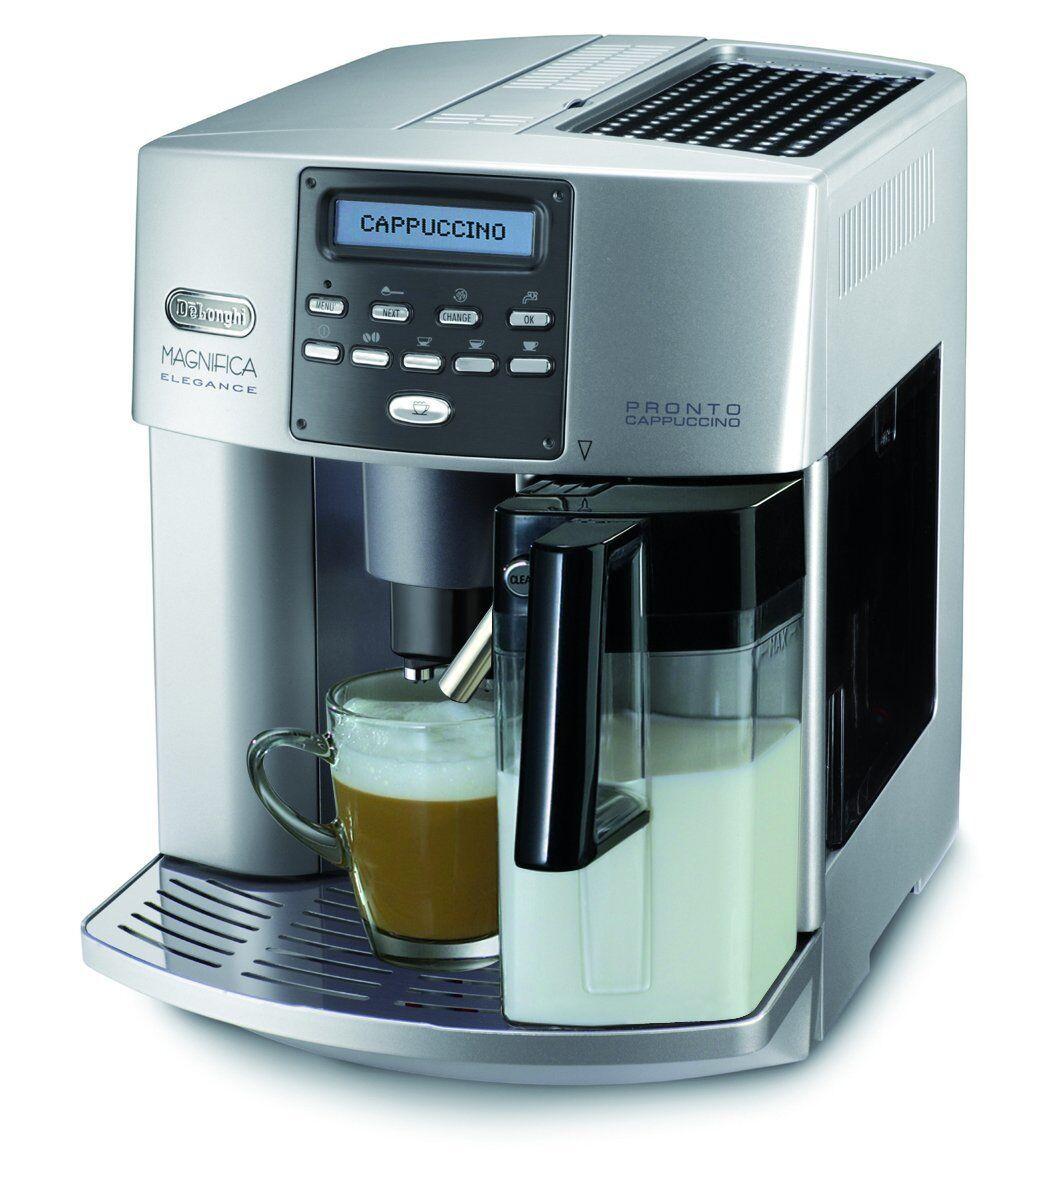 DeLonghi ESAM 3600 Espresso Coffee Machine Elegance Milk Container ...